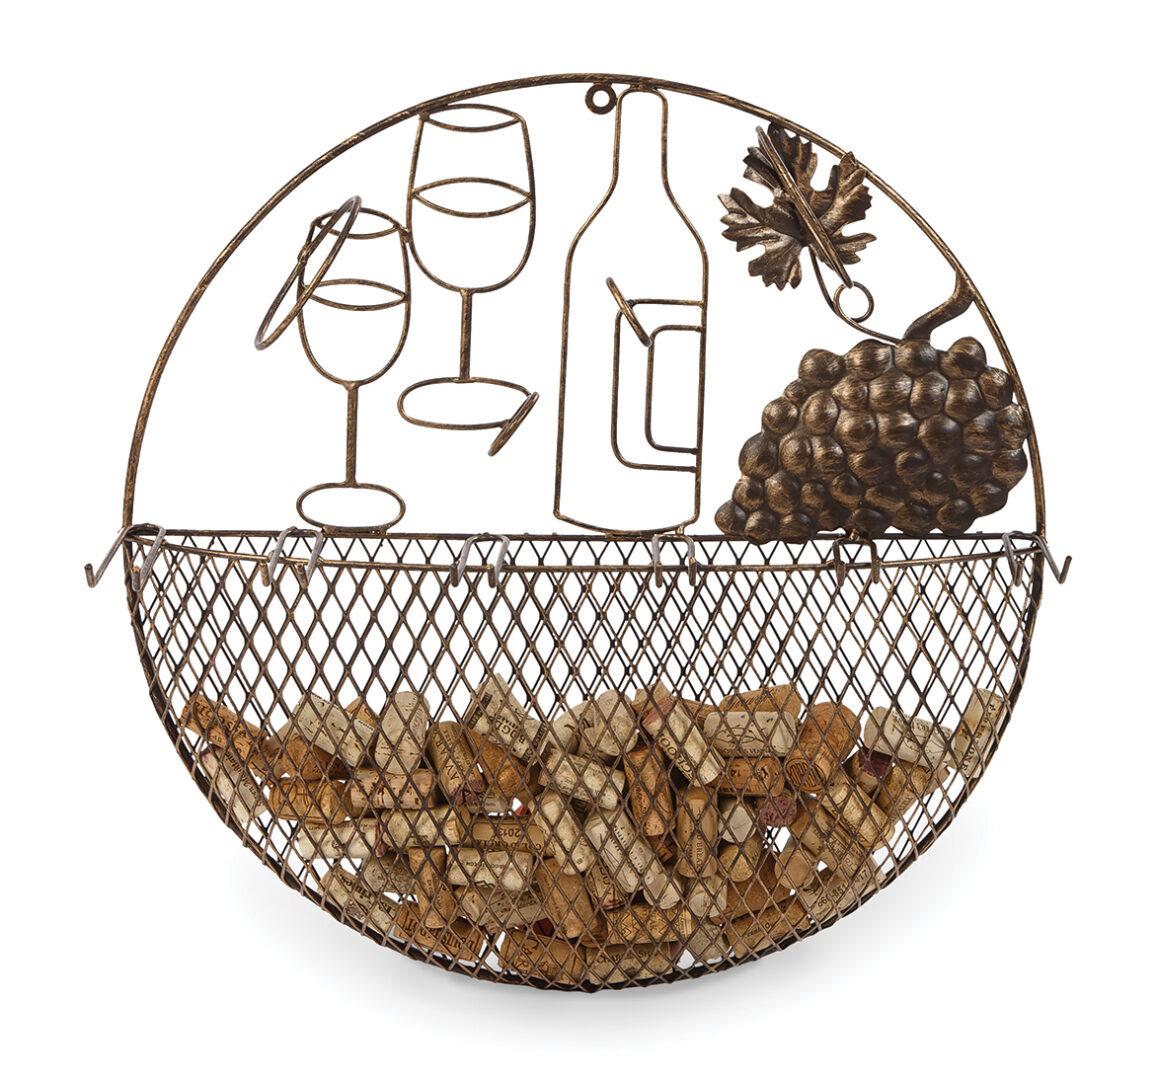 Cirkel Wall Wine Bottle/Glass/Cork Caddy